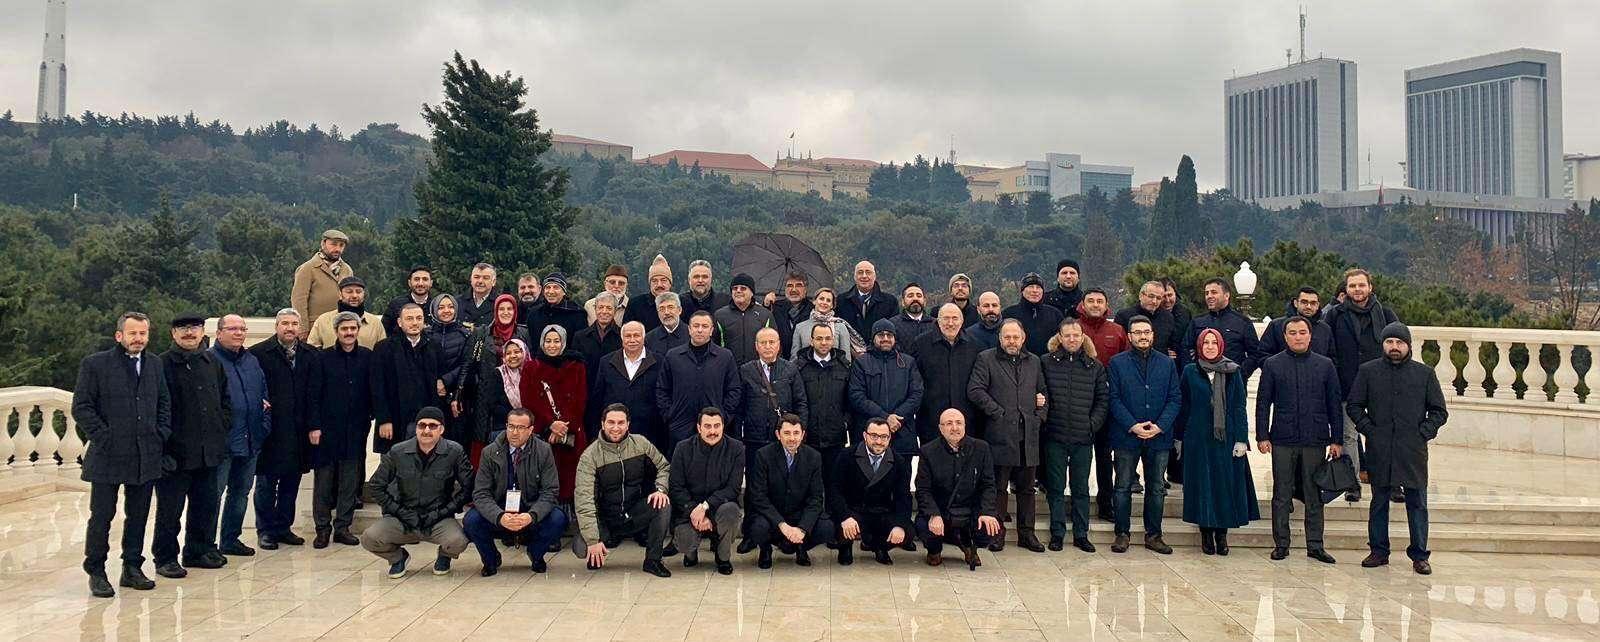 """الأورومتوسطي يختتم مشاركته في مؤتمر """"أوراسيا للقانون الدولي والعدالة"""" في أذربيجان"""